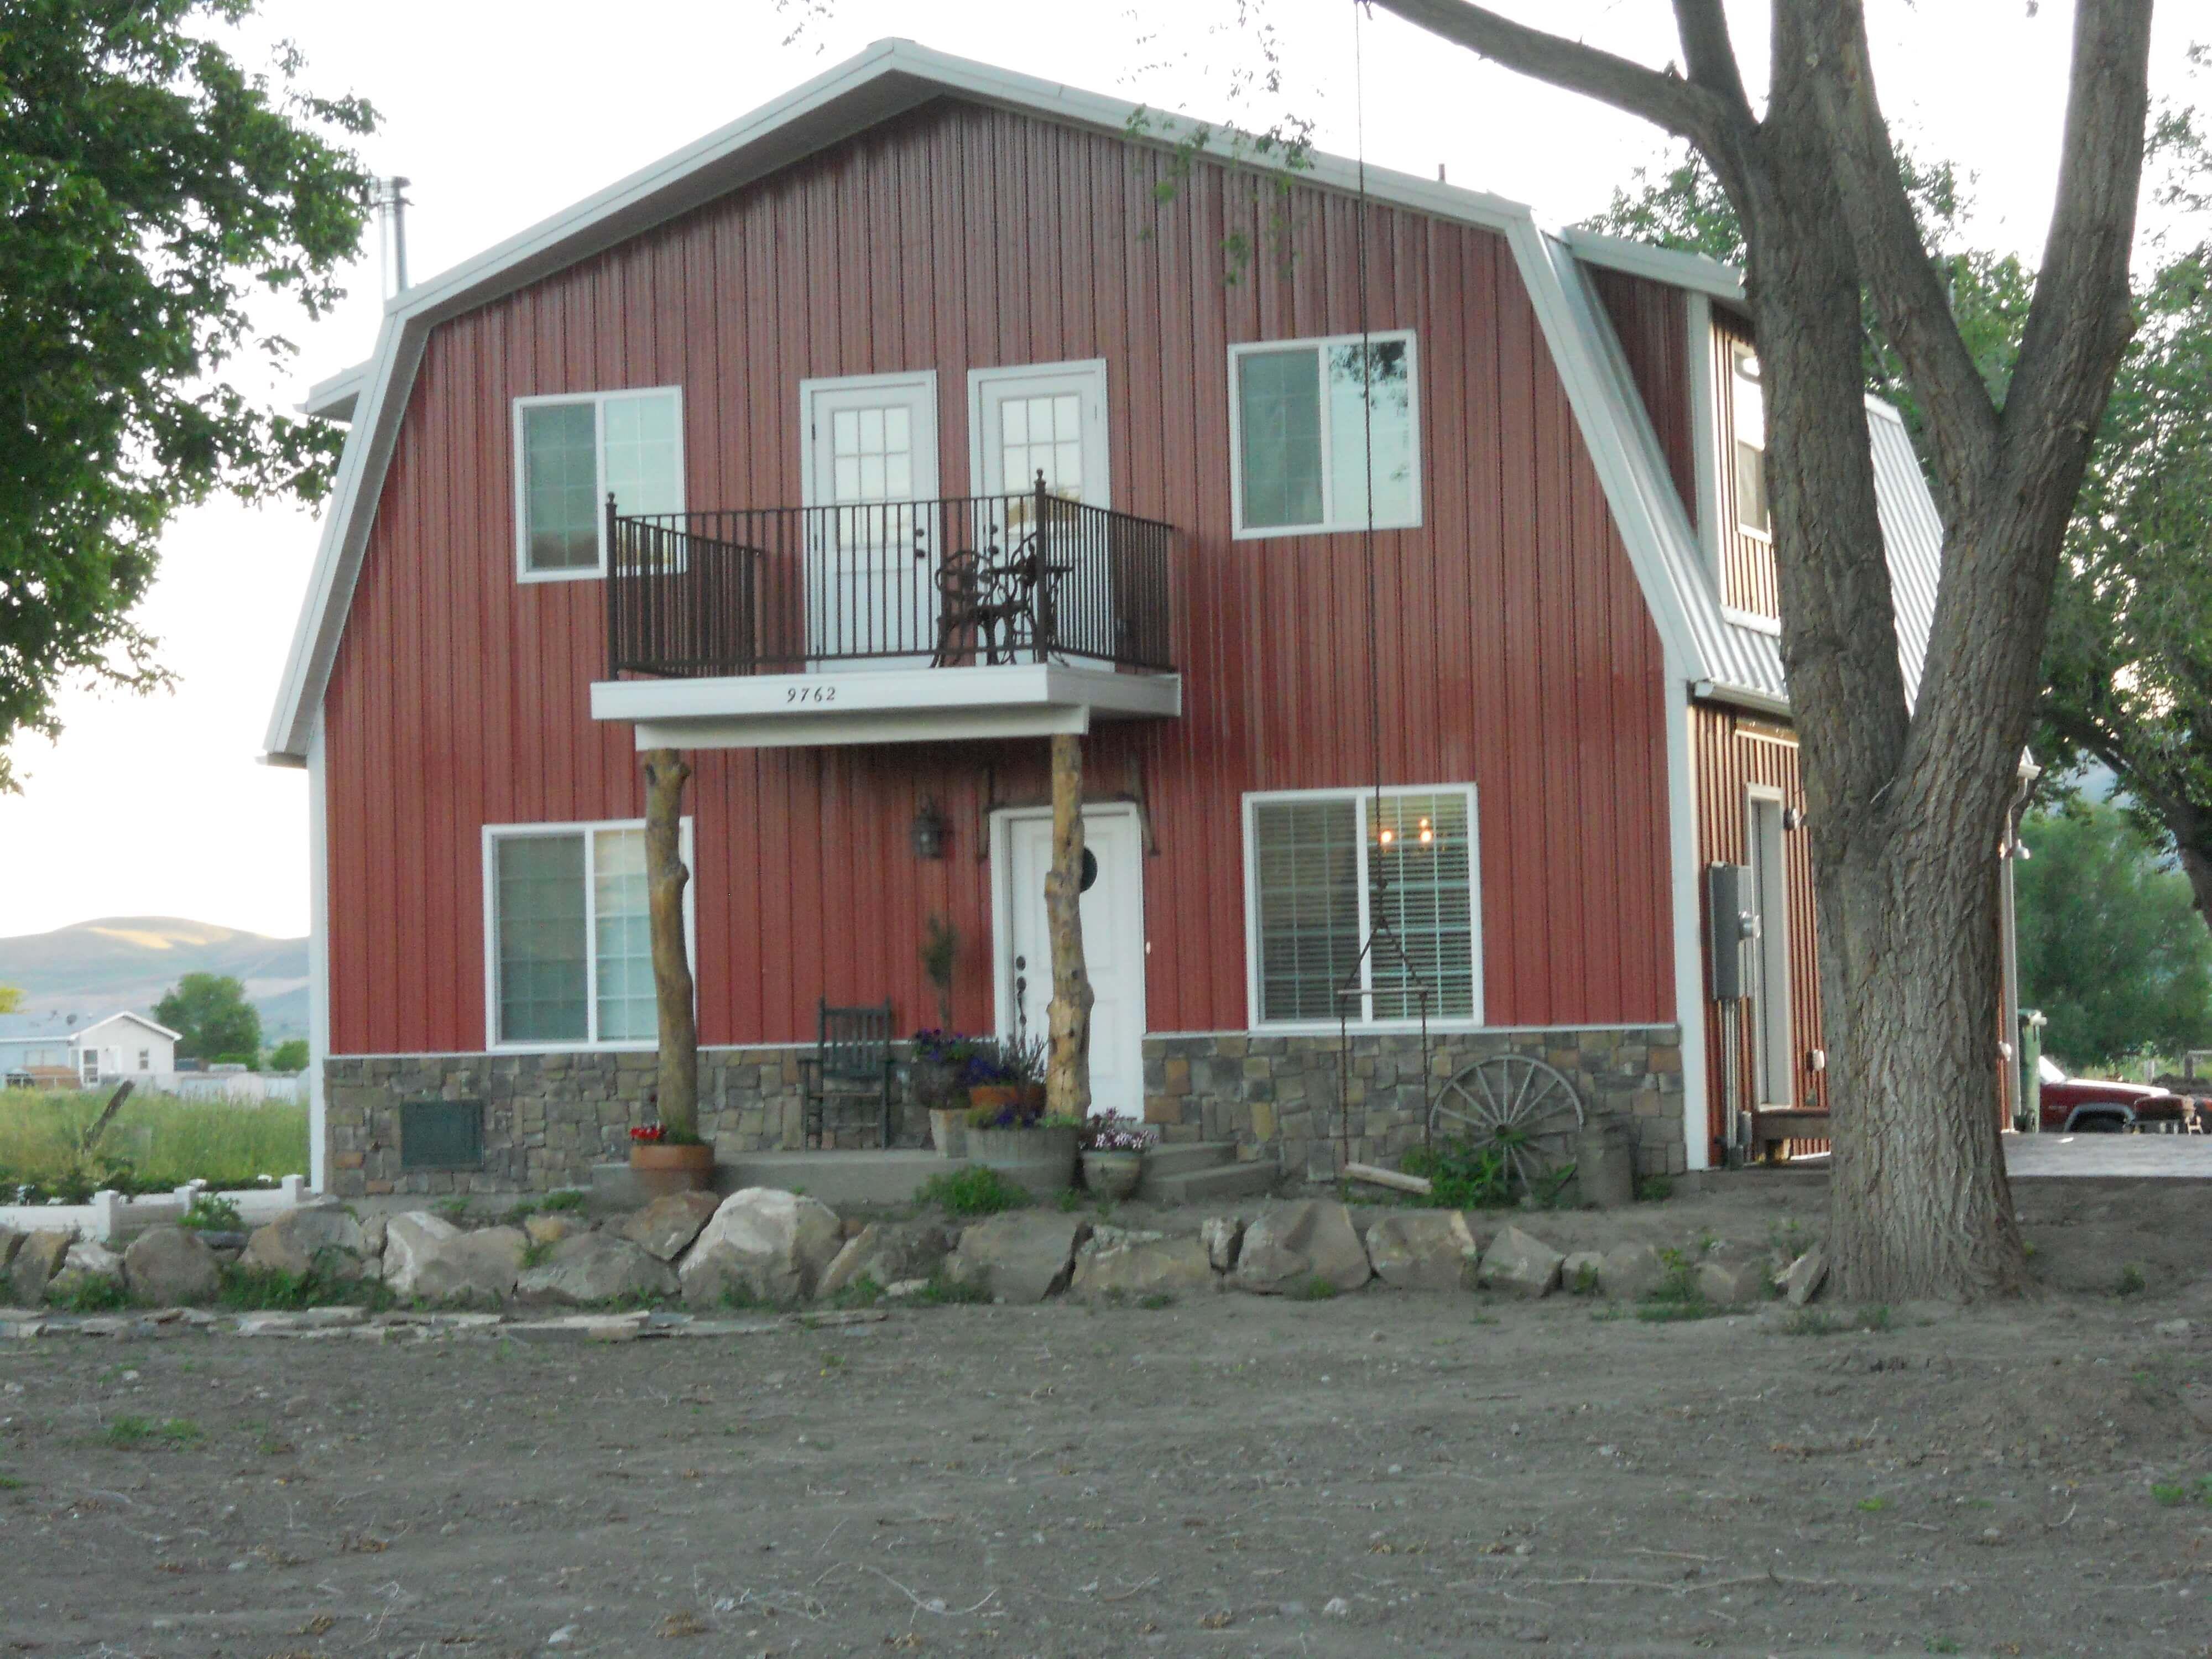 2130 sf 3 bed 2 5 bath 33 x 36 barn style